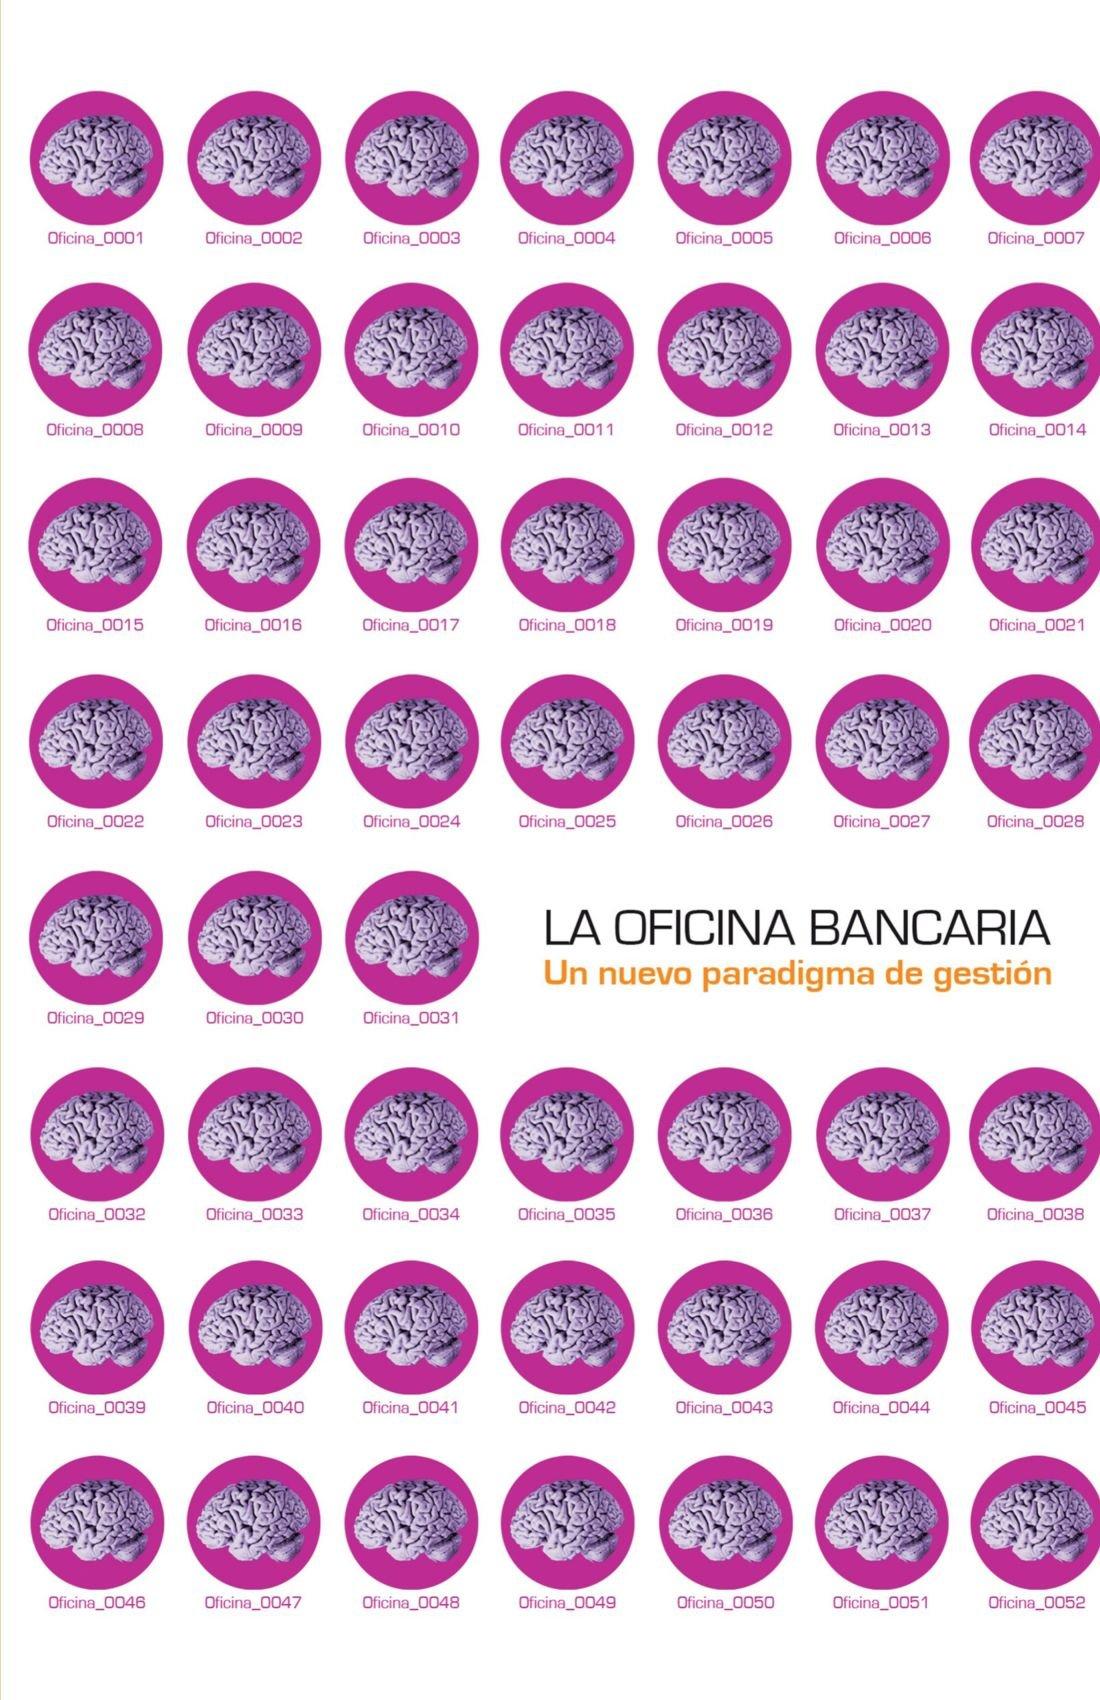 La Oficina Bancaria: Un nuevo paradigma de gestión (Spanish Edition) pdf